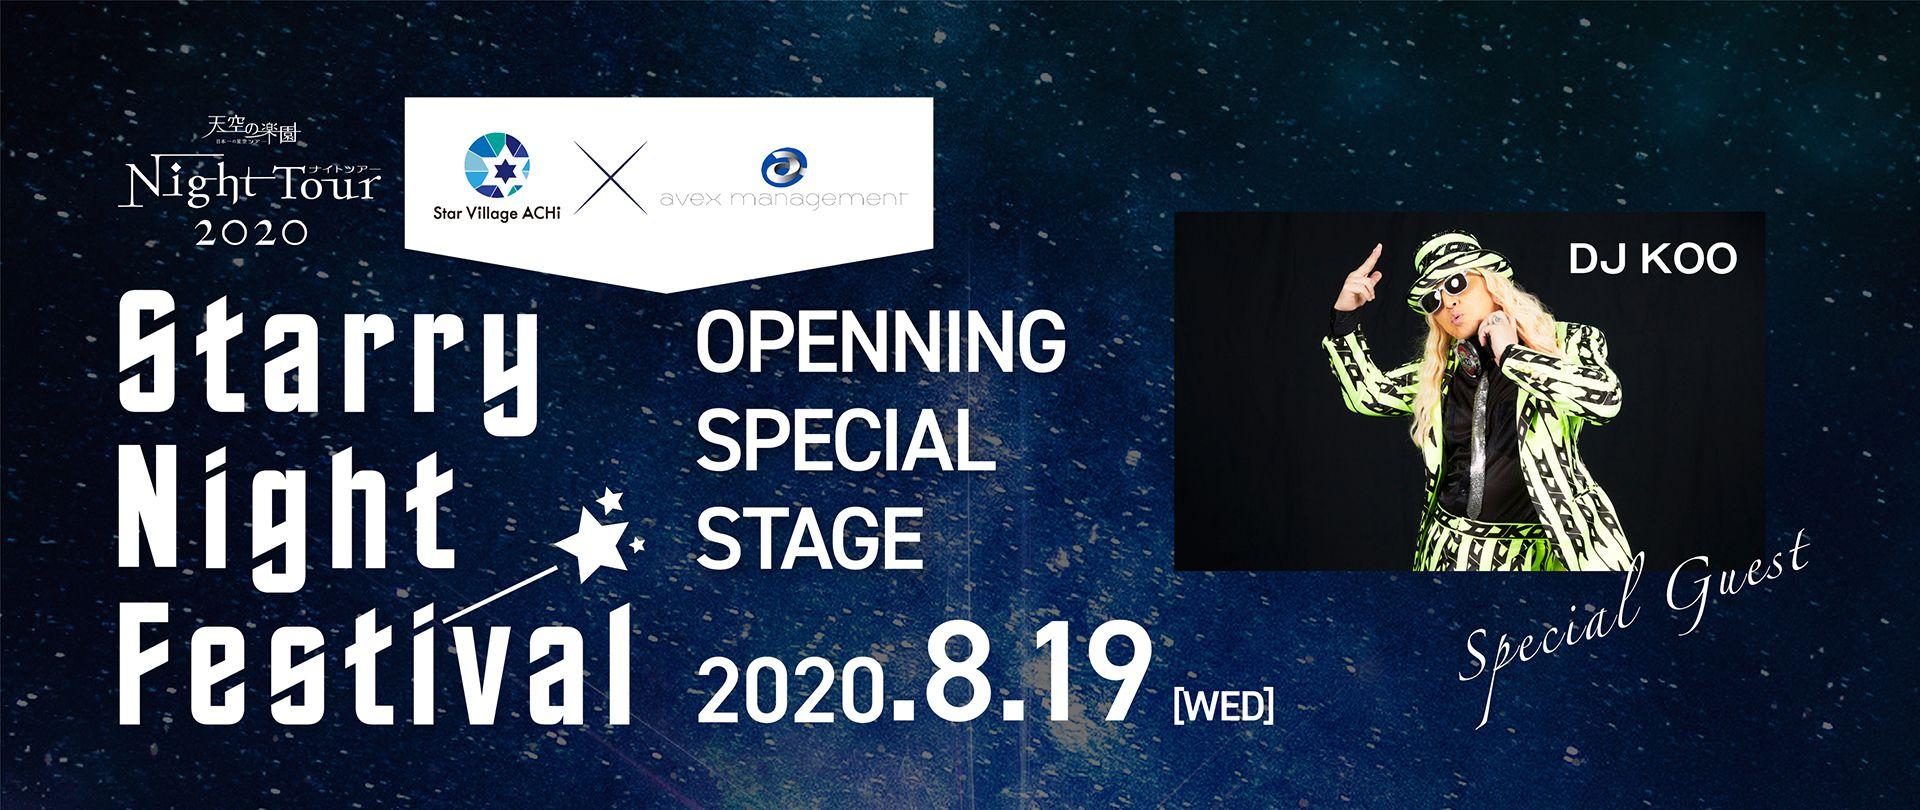 Starry Night Festival オープニングスペシャルゲストDJ KOO